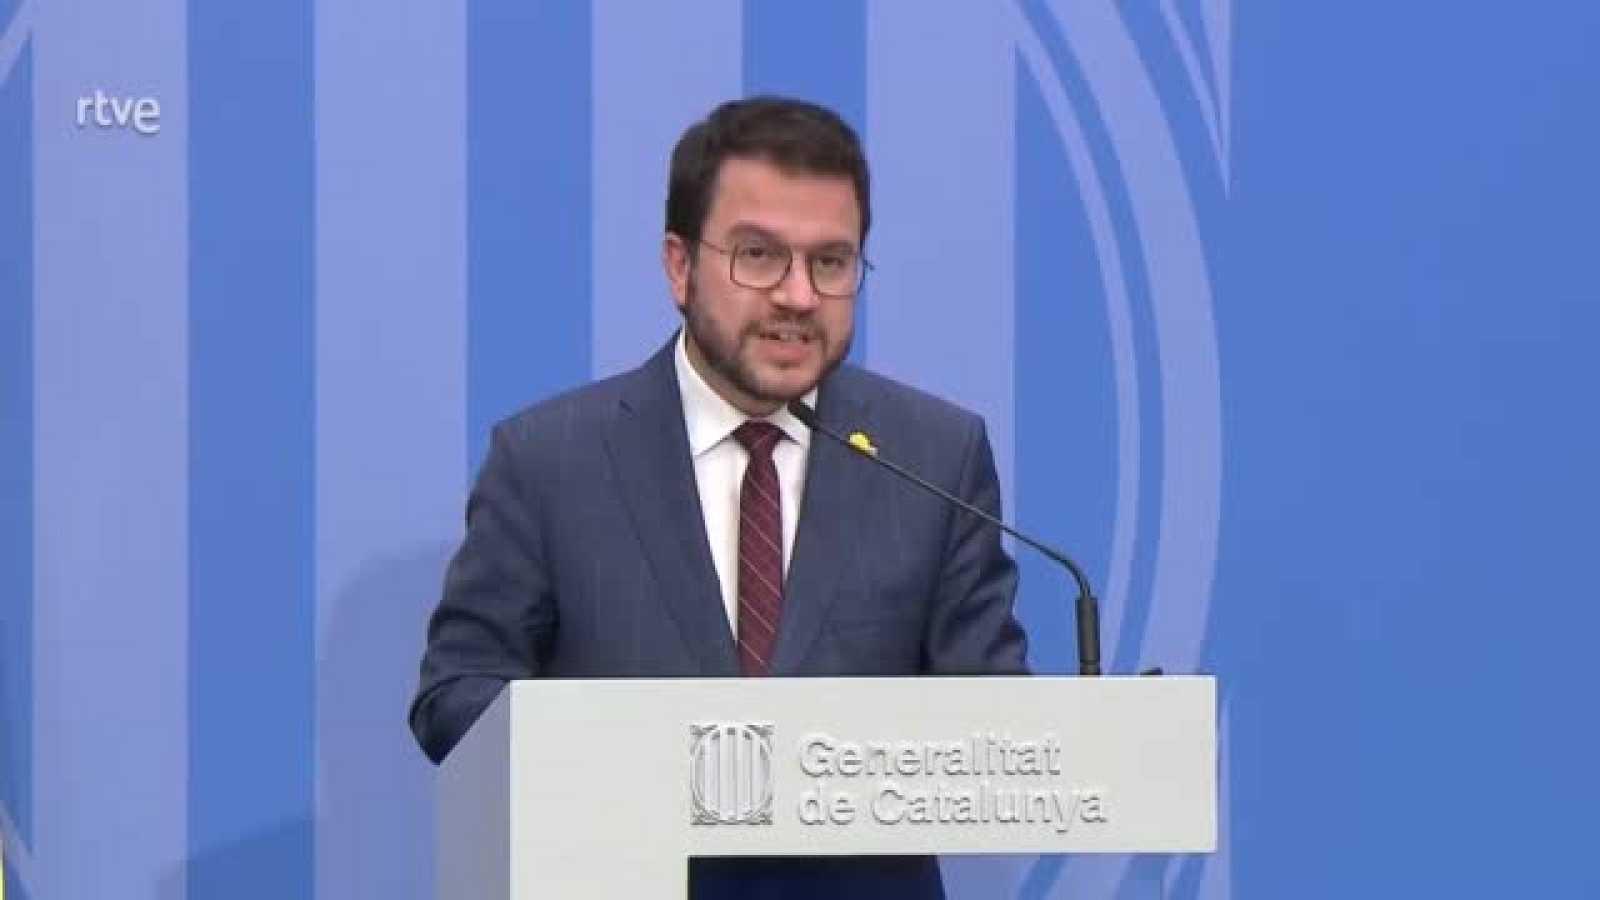 Pere Aragonès defensa els Mossos d'Esquadra i fa una crida a què les mobilitzacions siguin pacífiques